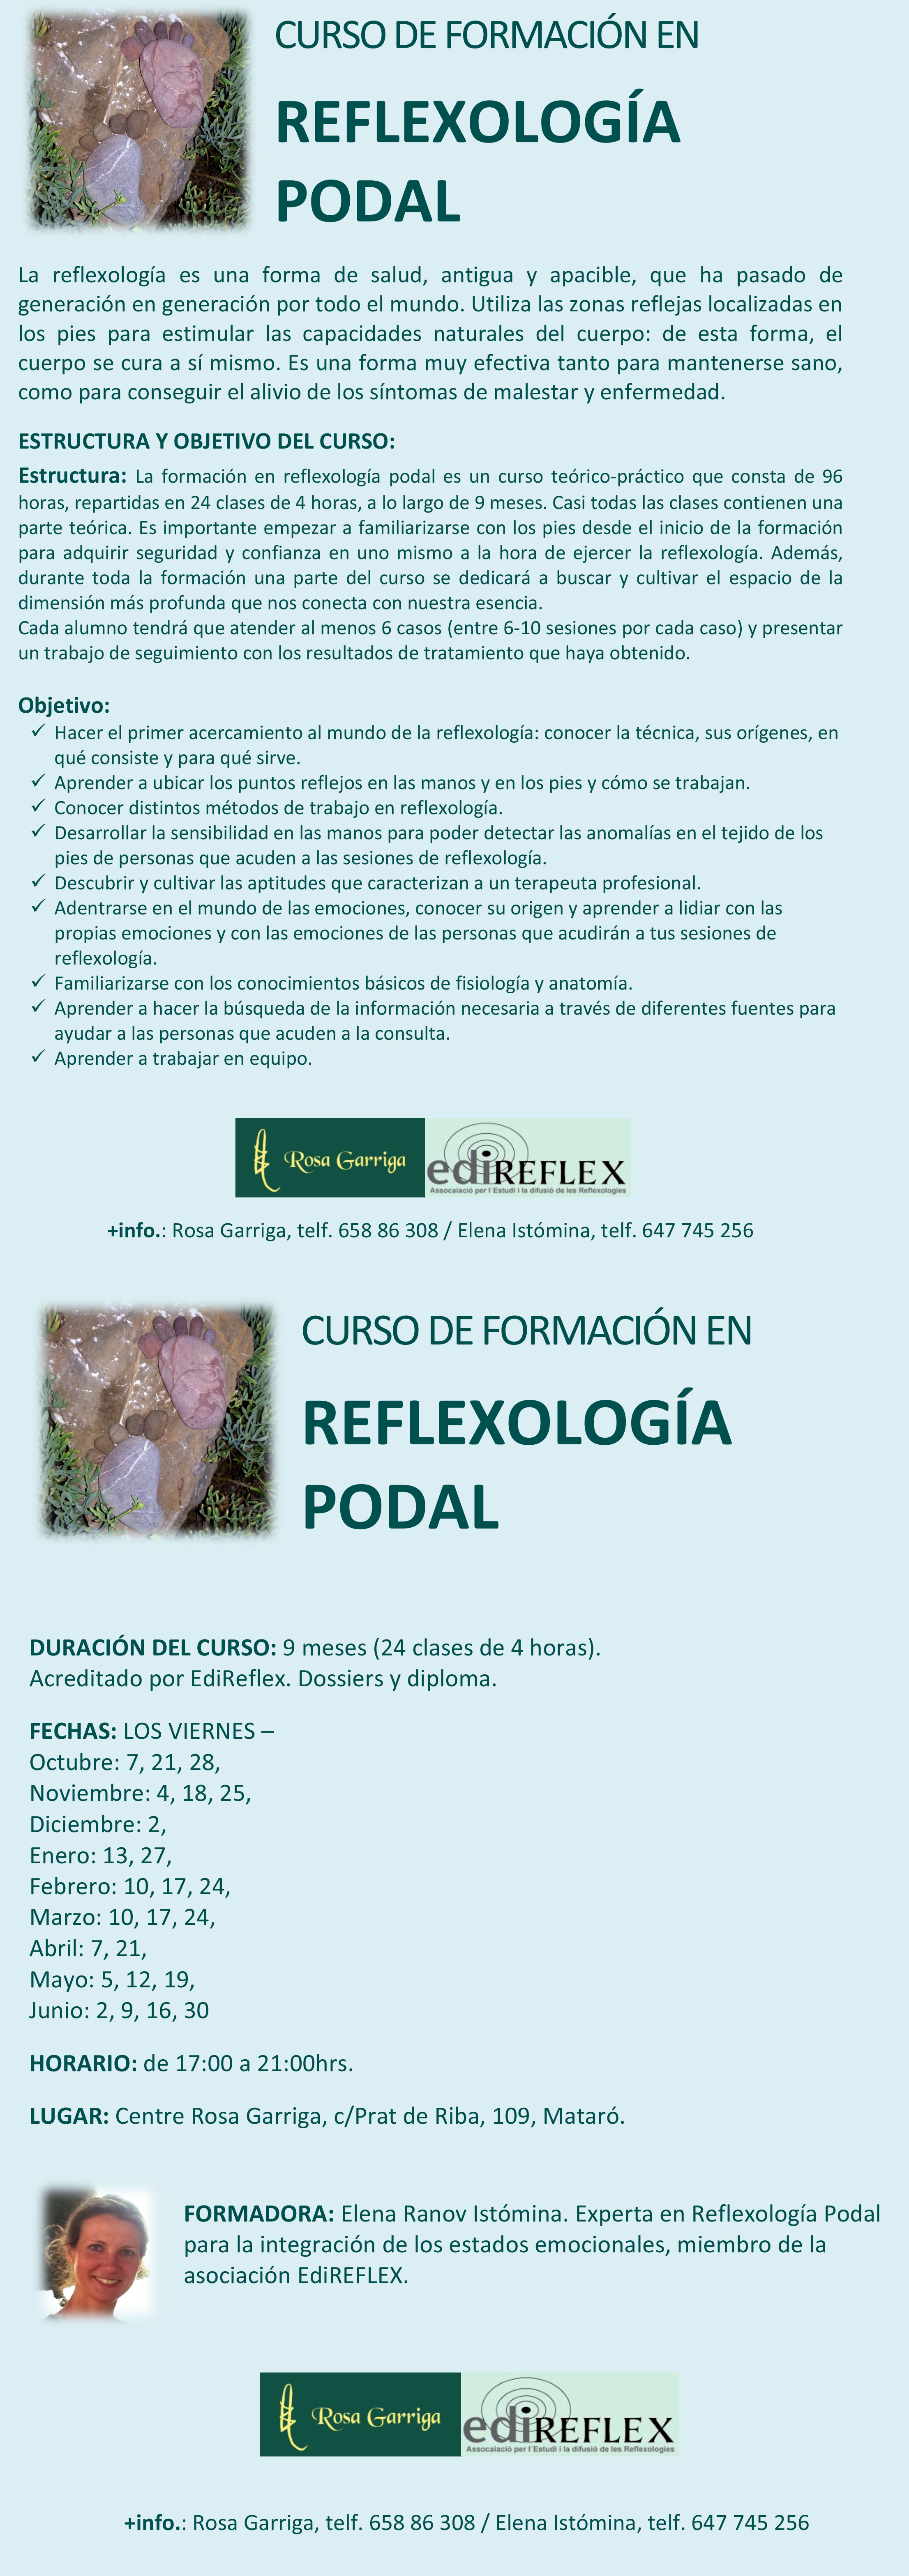 CURSO DE FORMACIÓN EN REFLEXOLOGÍA PODAL